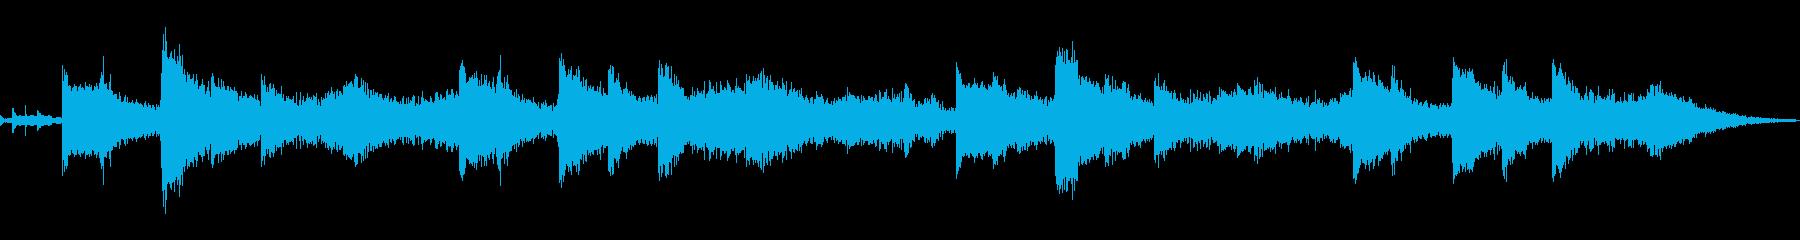 ドラマアニメ、劇伴用BGMシンプル4の再生済みの波形